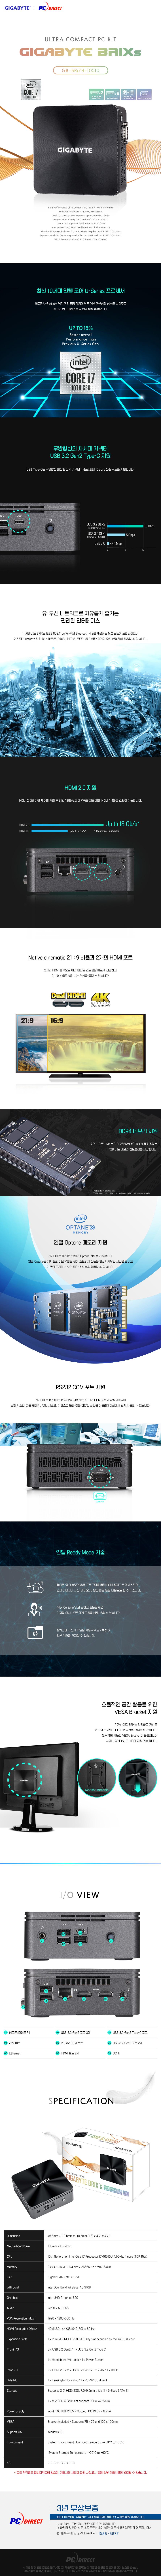 GIGABYTE BRIX GB-BRi7H-10510 SSD 피씨디렉트 (8GB, SSD 512GB)